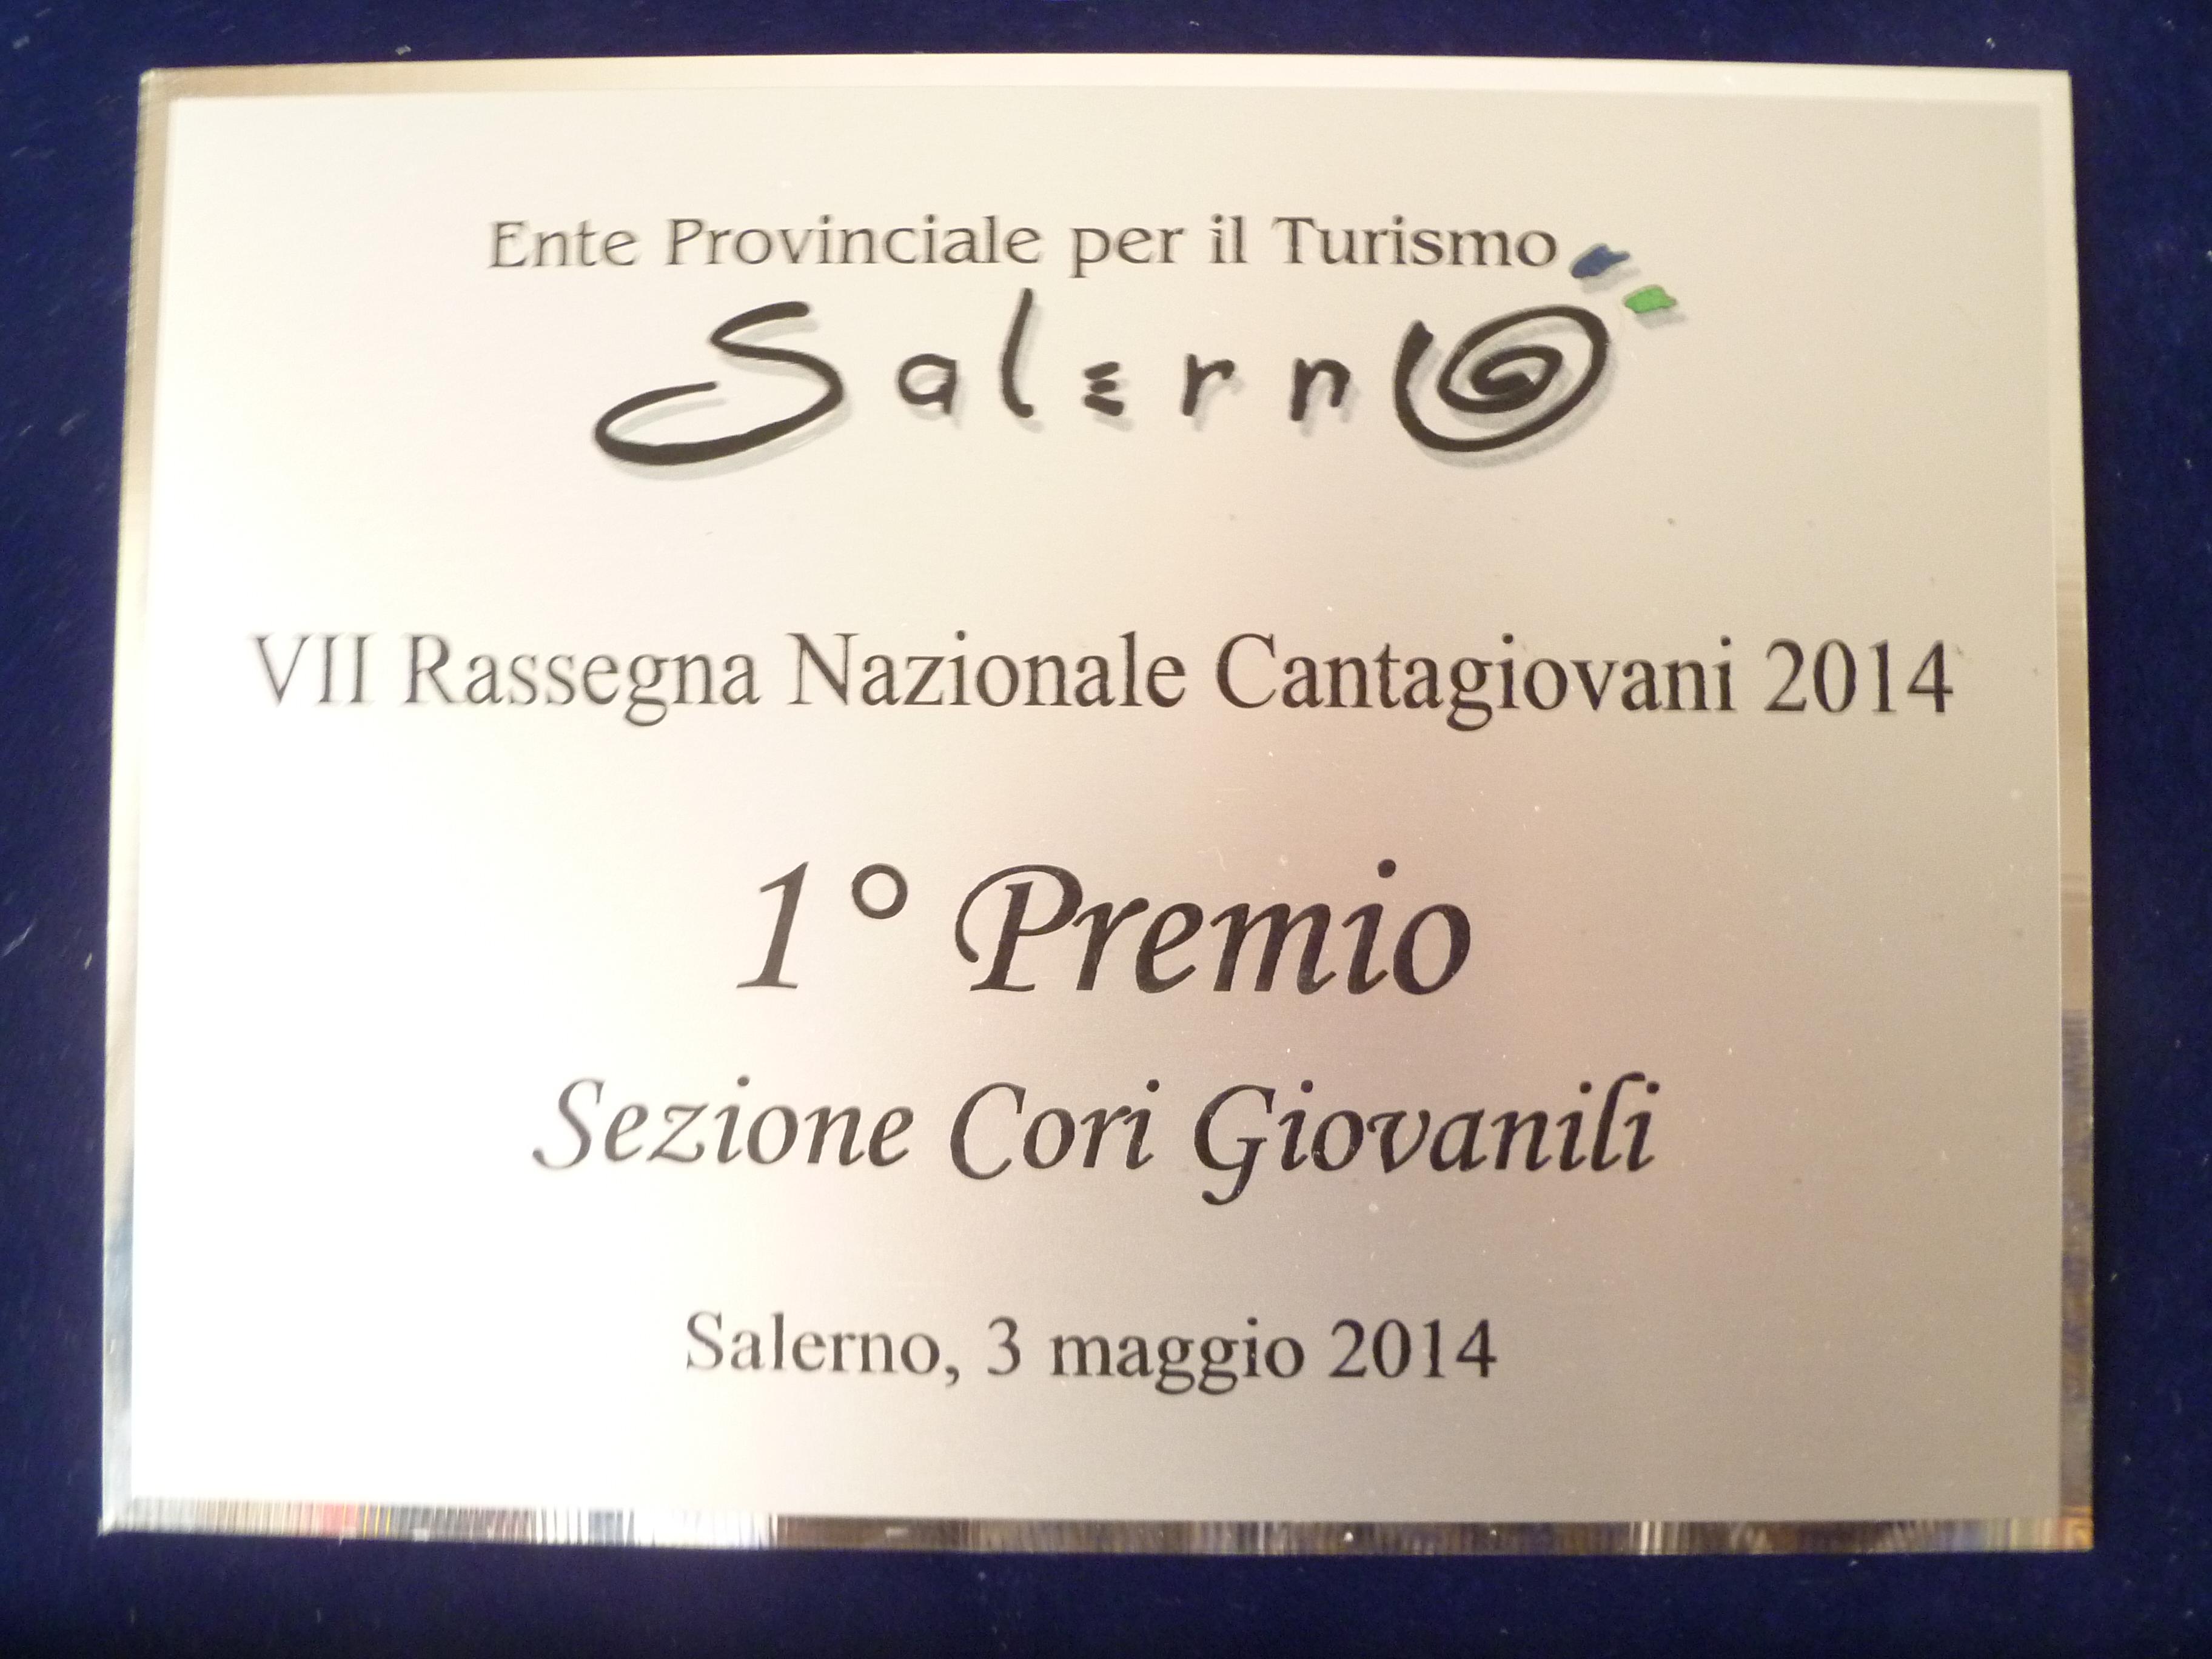 Canti di popoli lontani, 1° premio al Cantagiovani di Salerno!